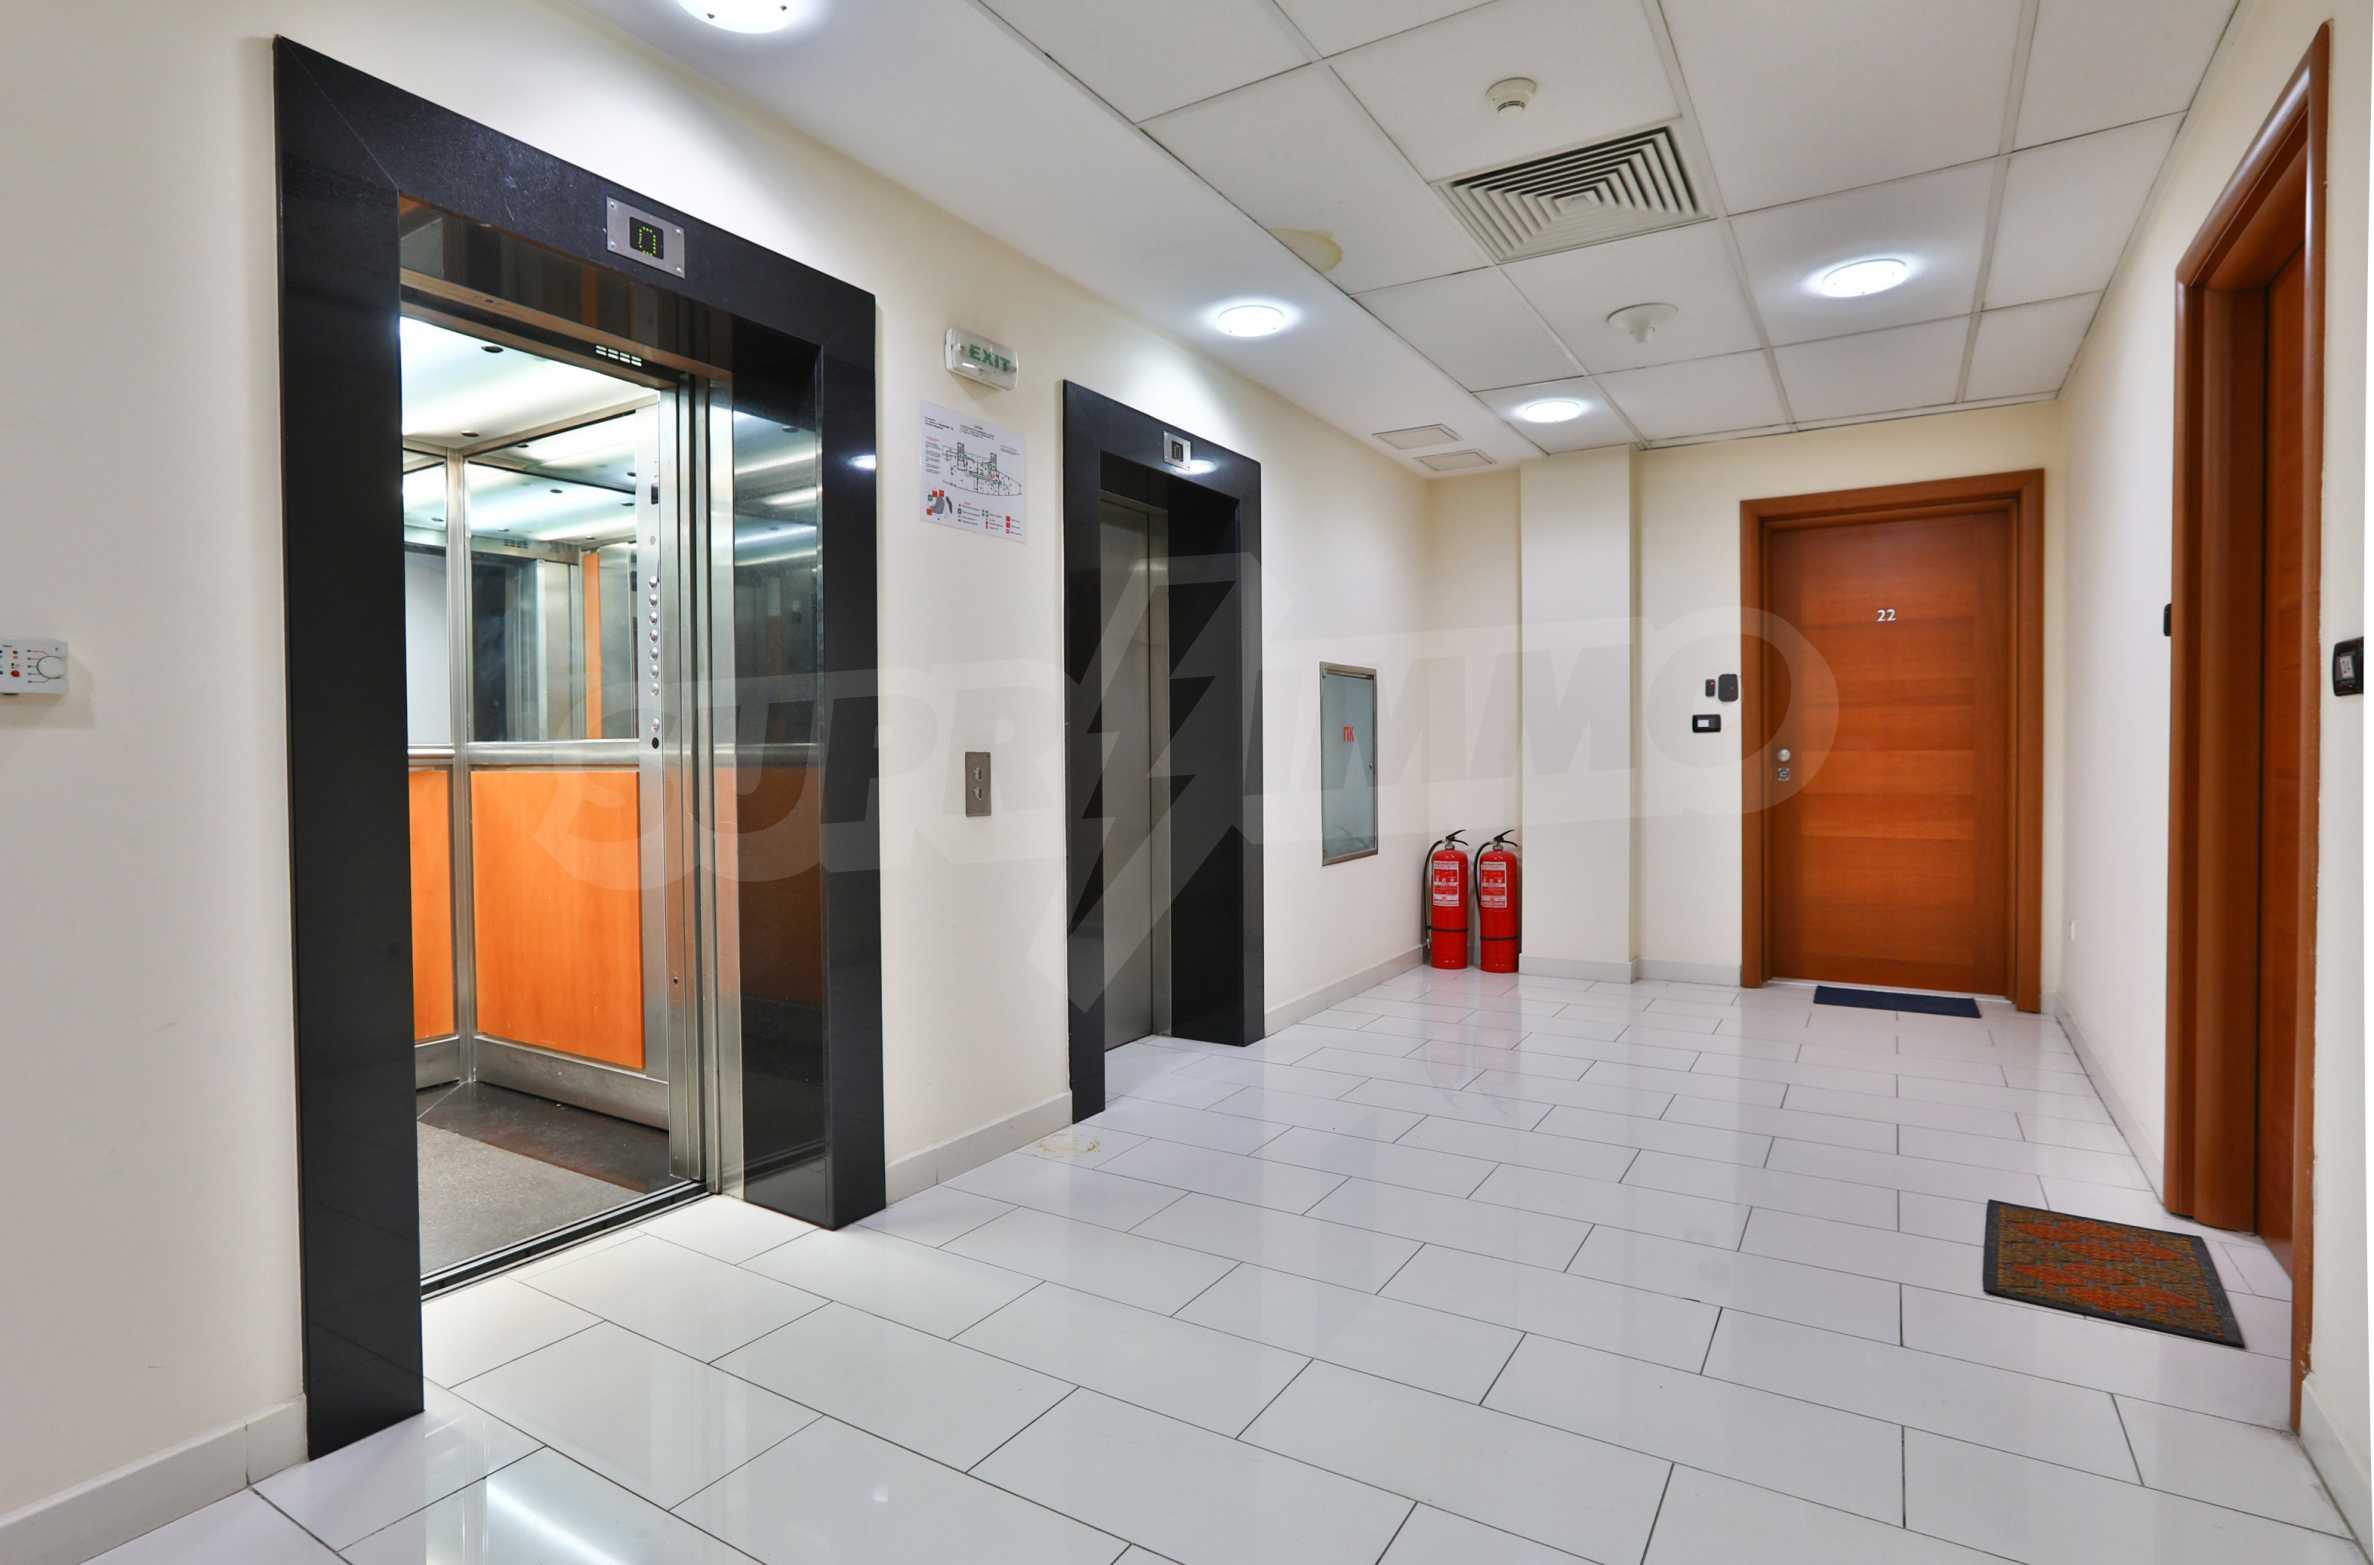 Офис с паркомясто в луксозната Бизнес сграда Белисимо, кв. Манастирски ливади 13